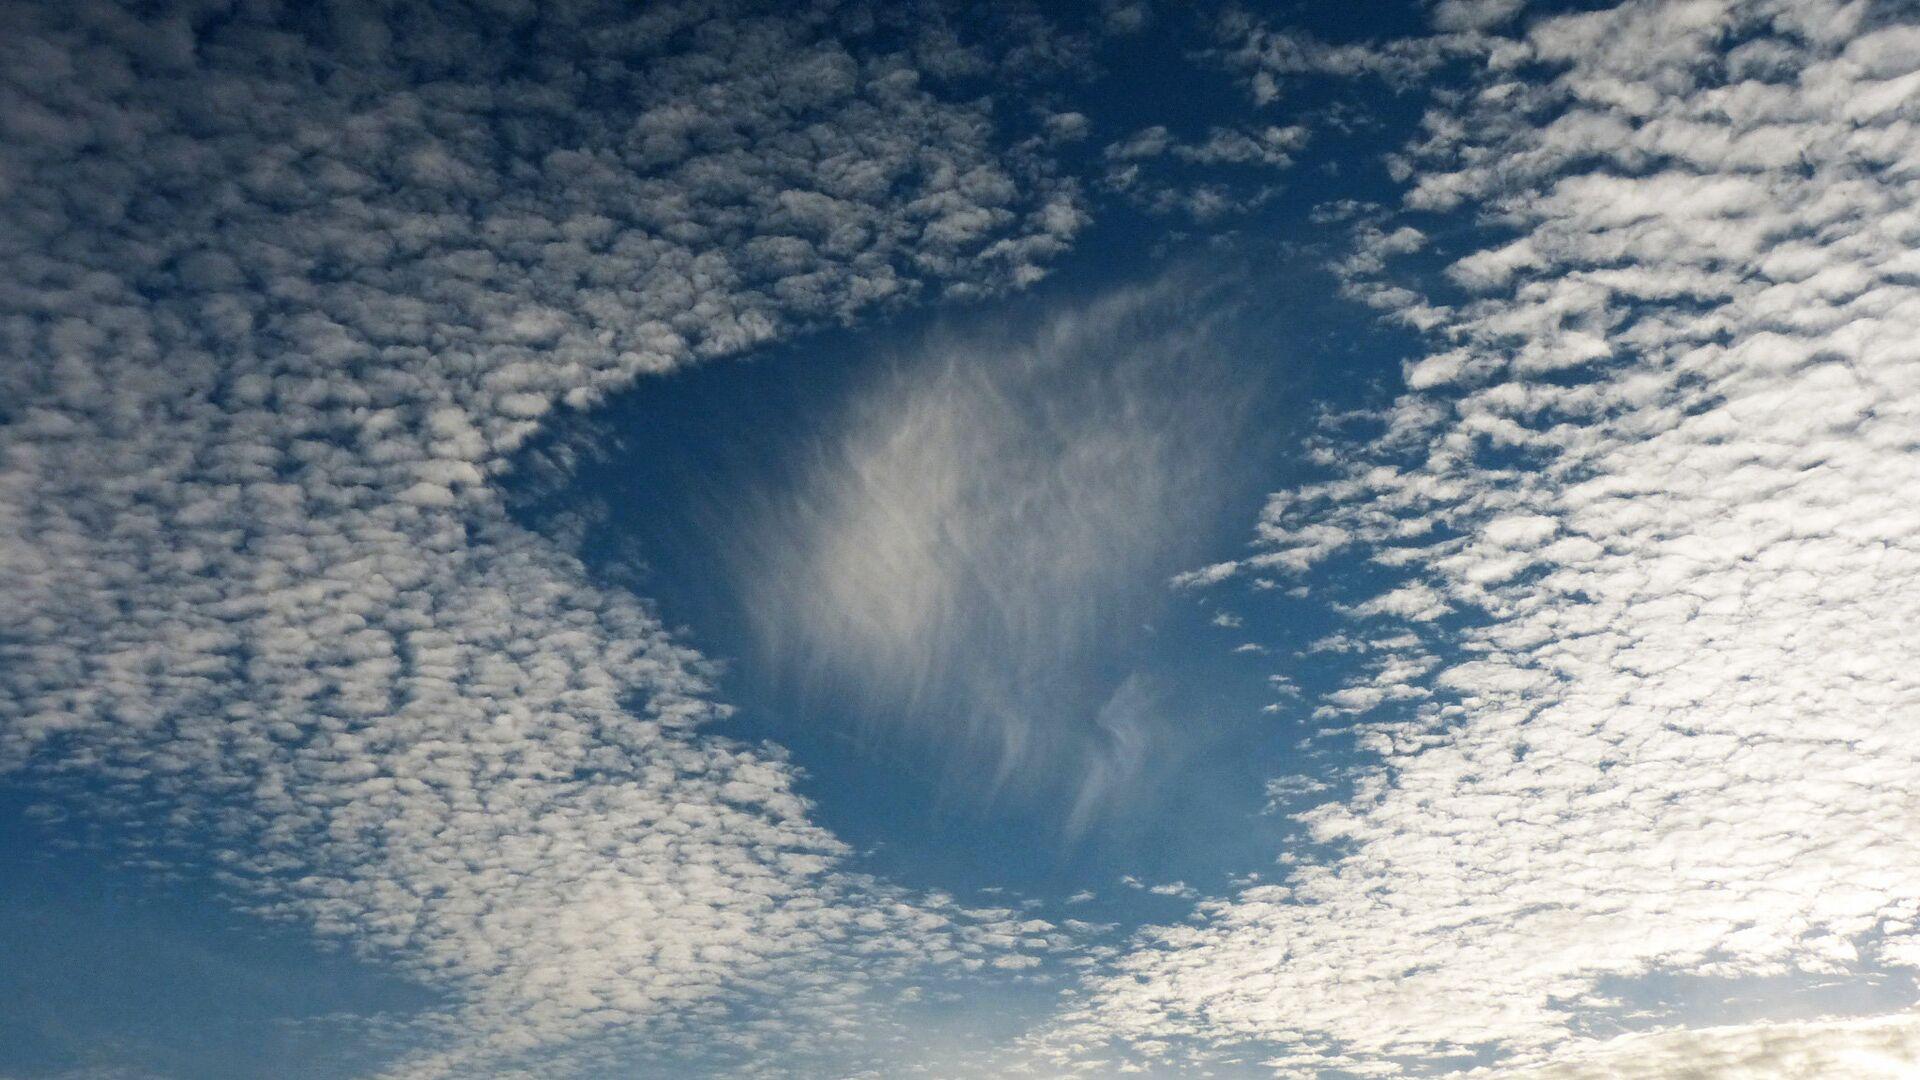 Cielo nublado - Sputnik Mundo, 1920, 24.09.2021